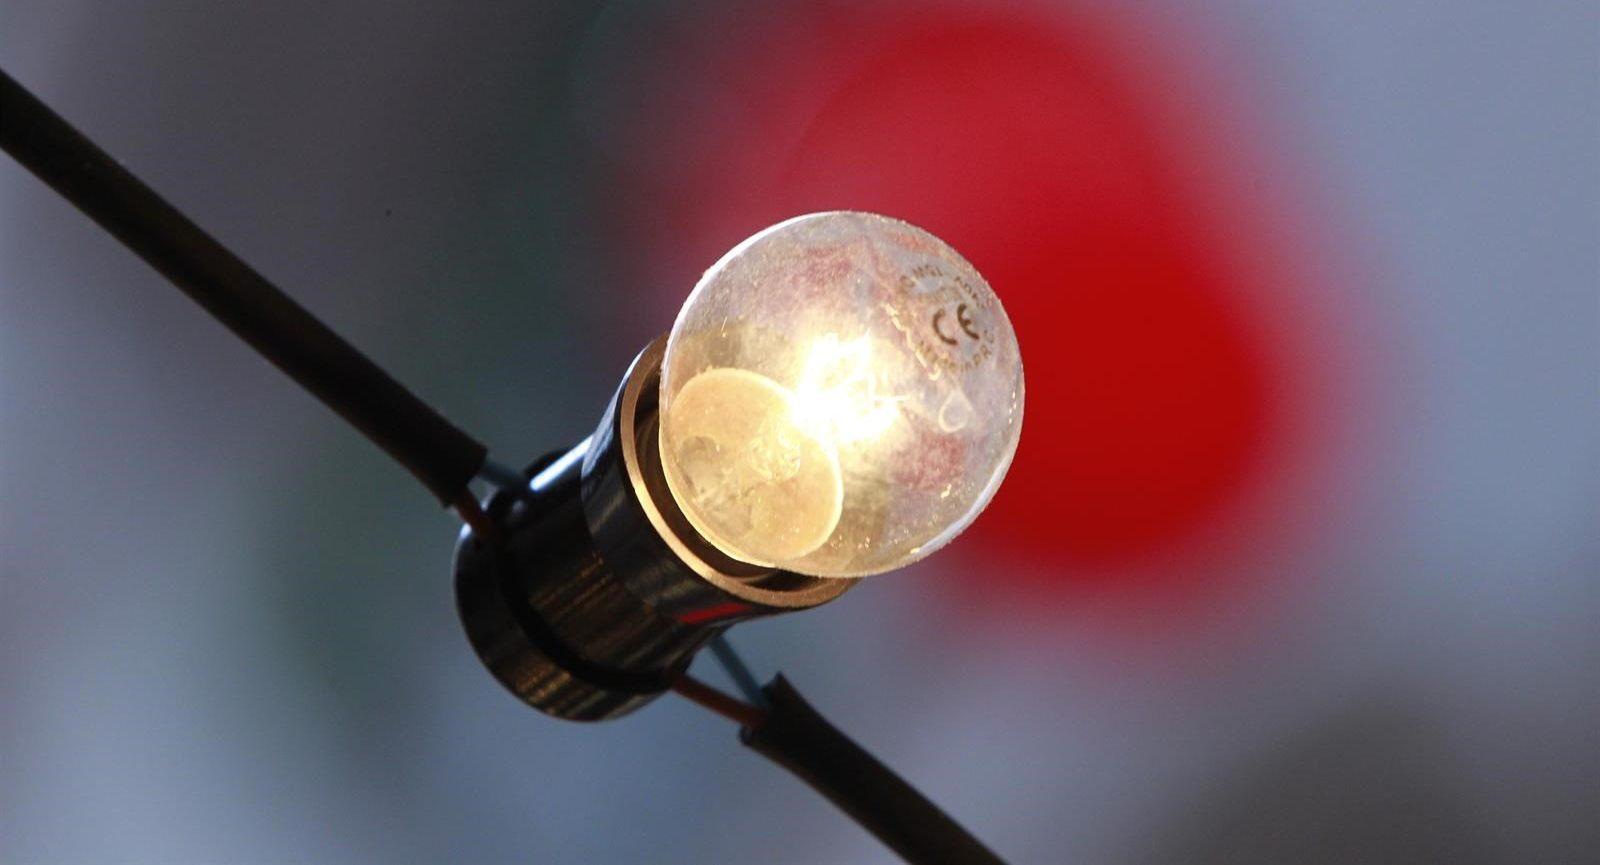 Aprobado el decreto ley que prohíbe los cortes de luz a los más vulnerables